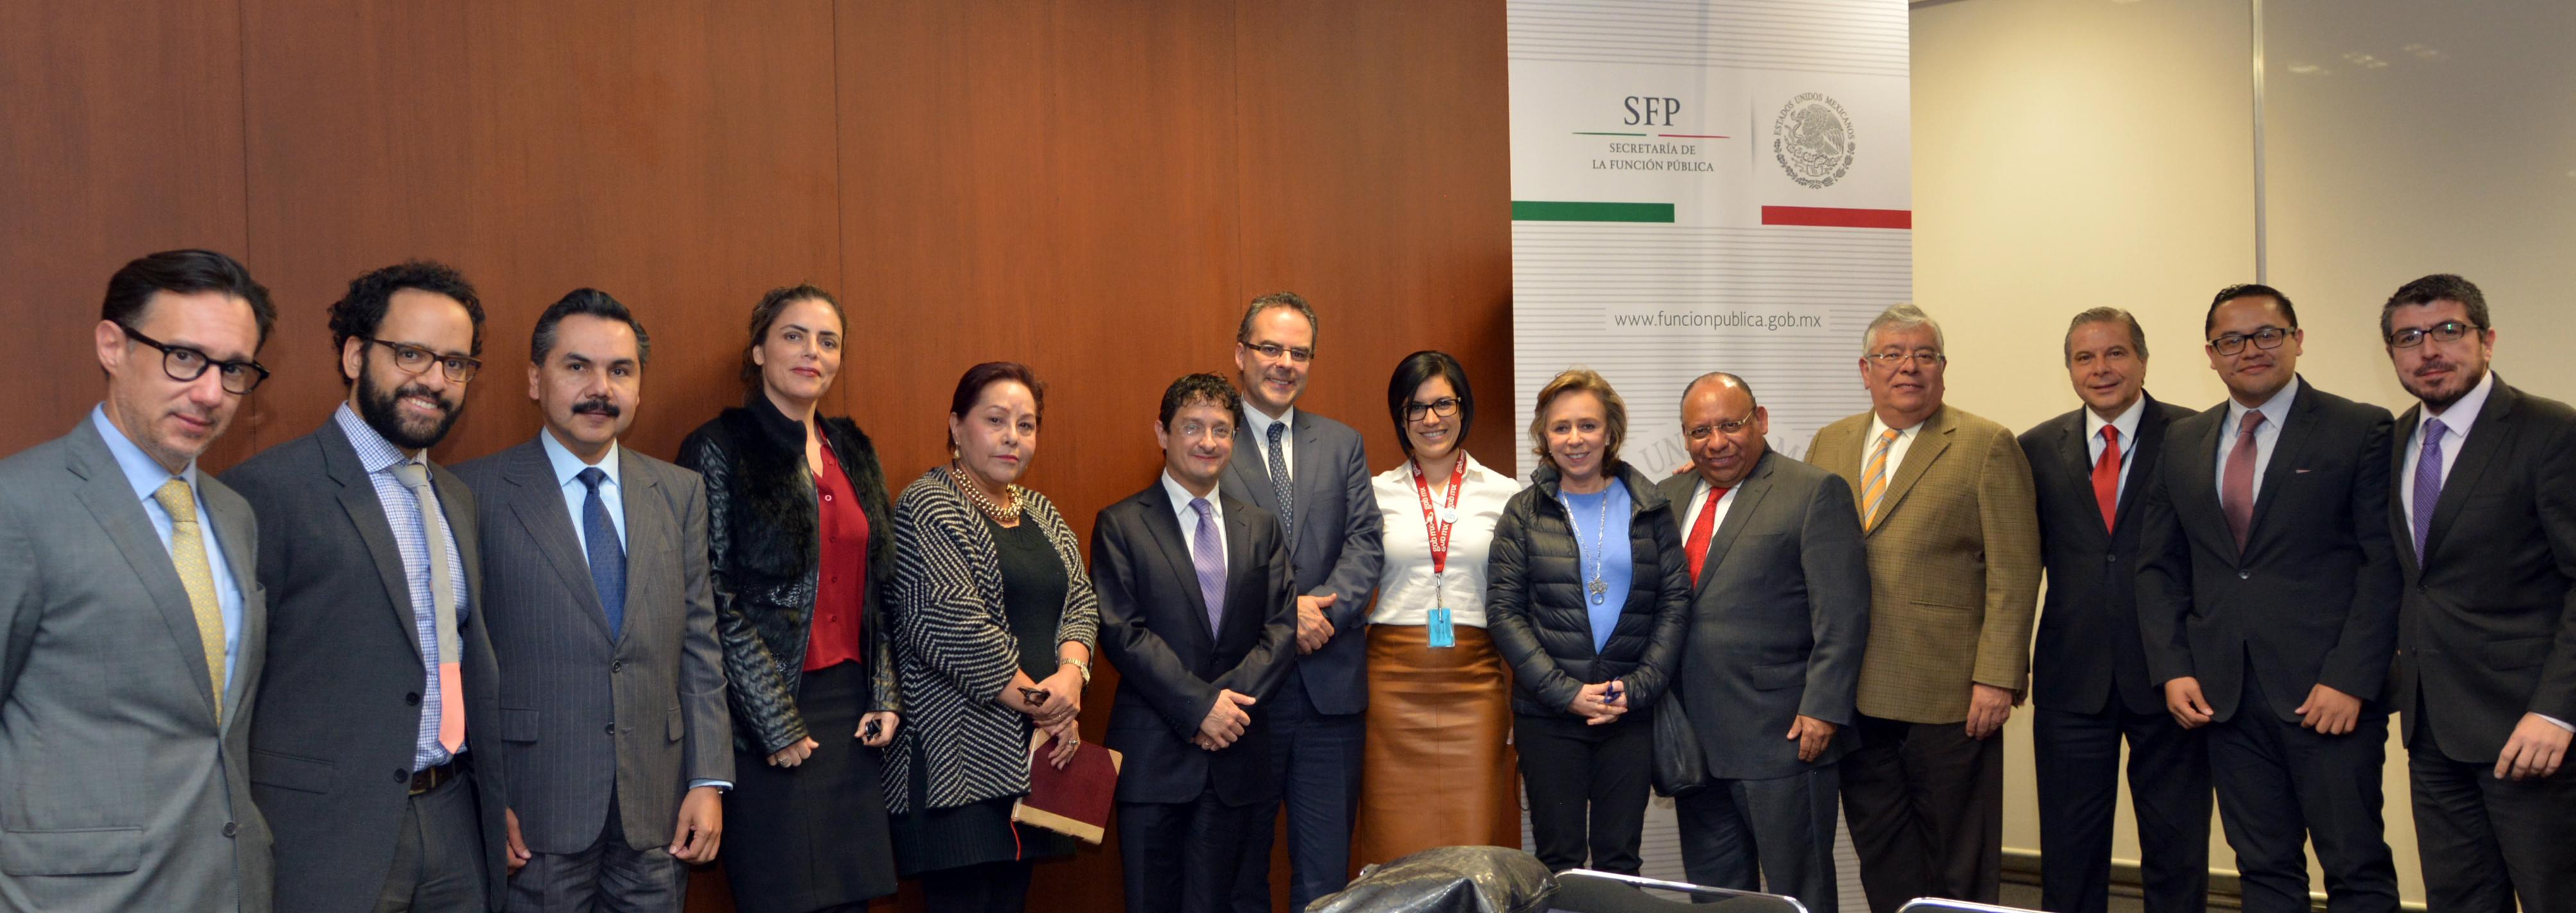 Reunión de grupos de trabajo de la SFP y el Instituto Mexicano para la Competitividad, A.C.